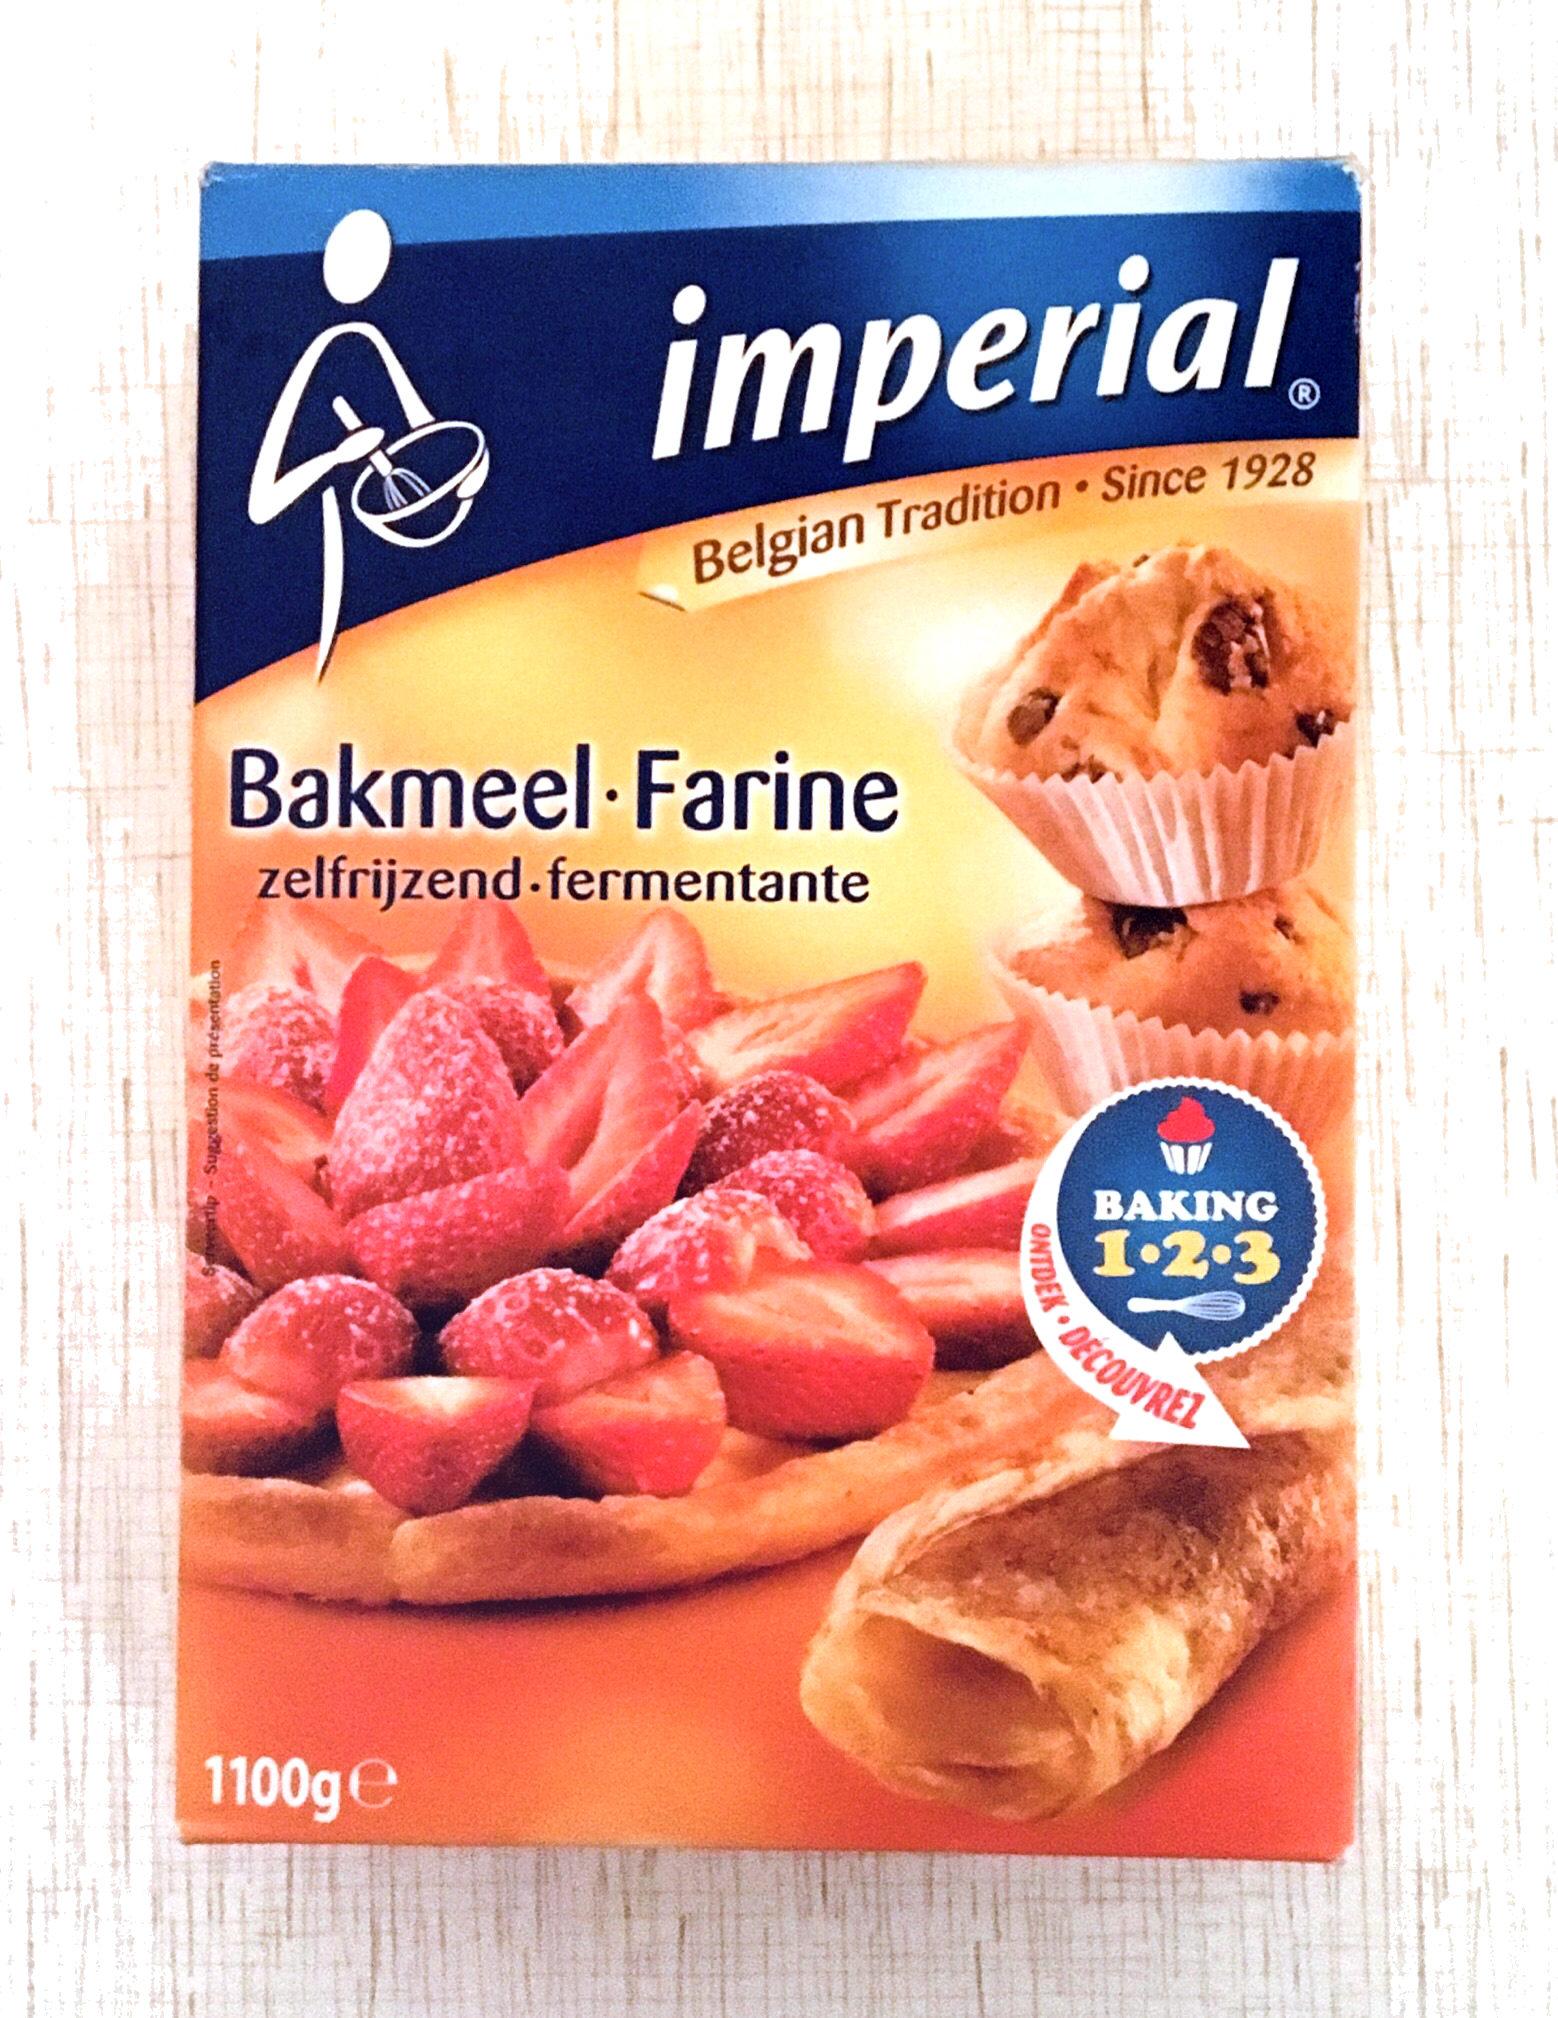 Farine fermentante - Product